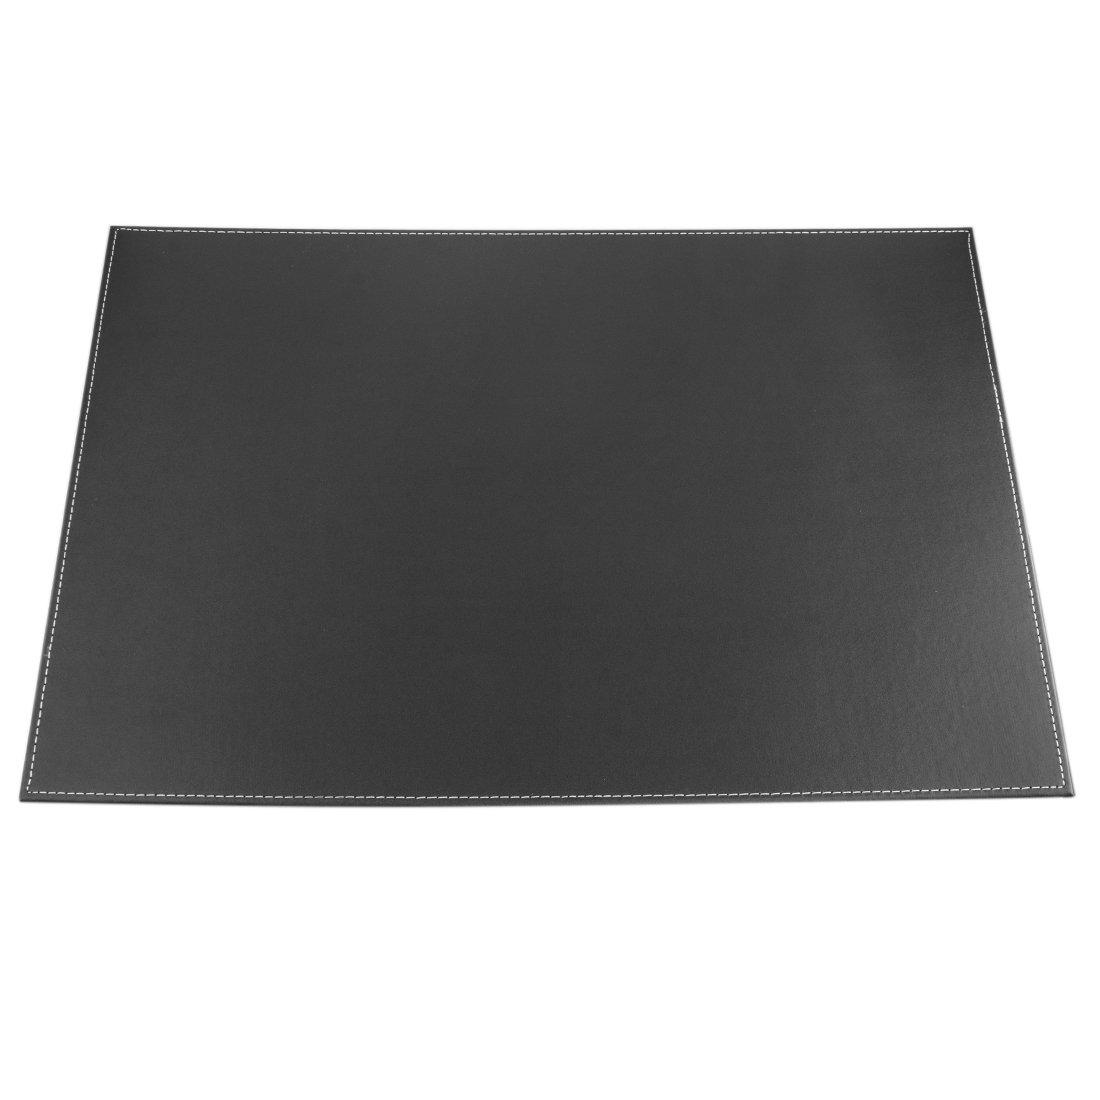 Sottomano, Lommer Cuoio colore solido scrittura regolare Pad Desk Protector--nero